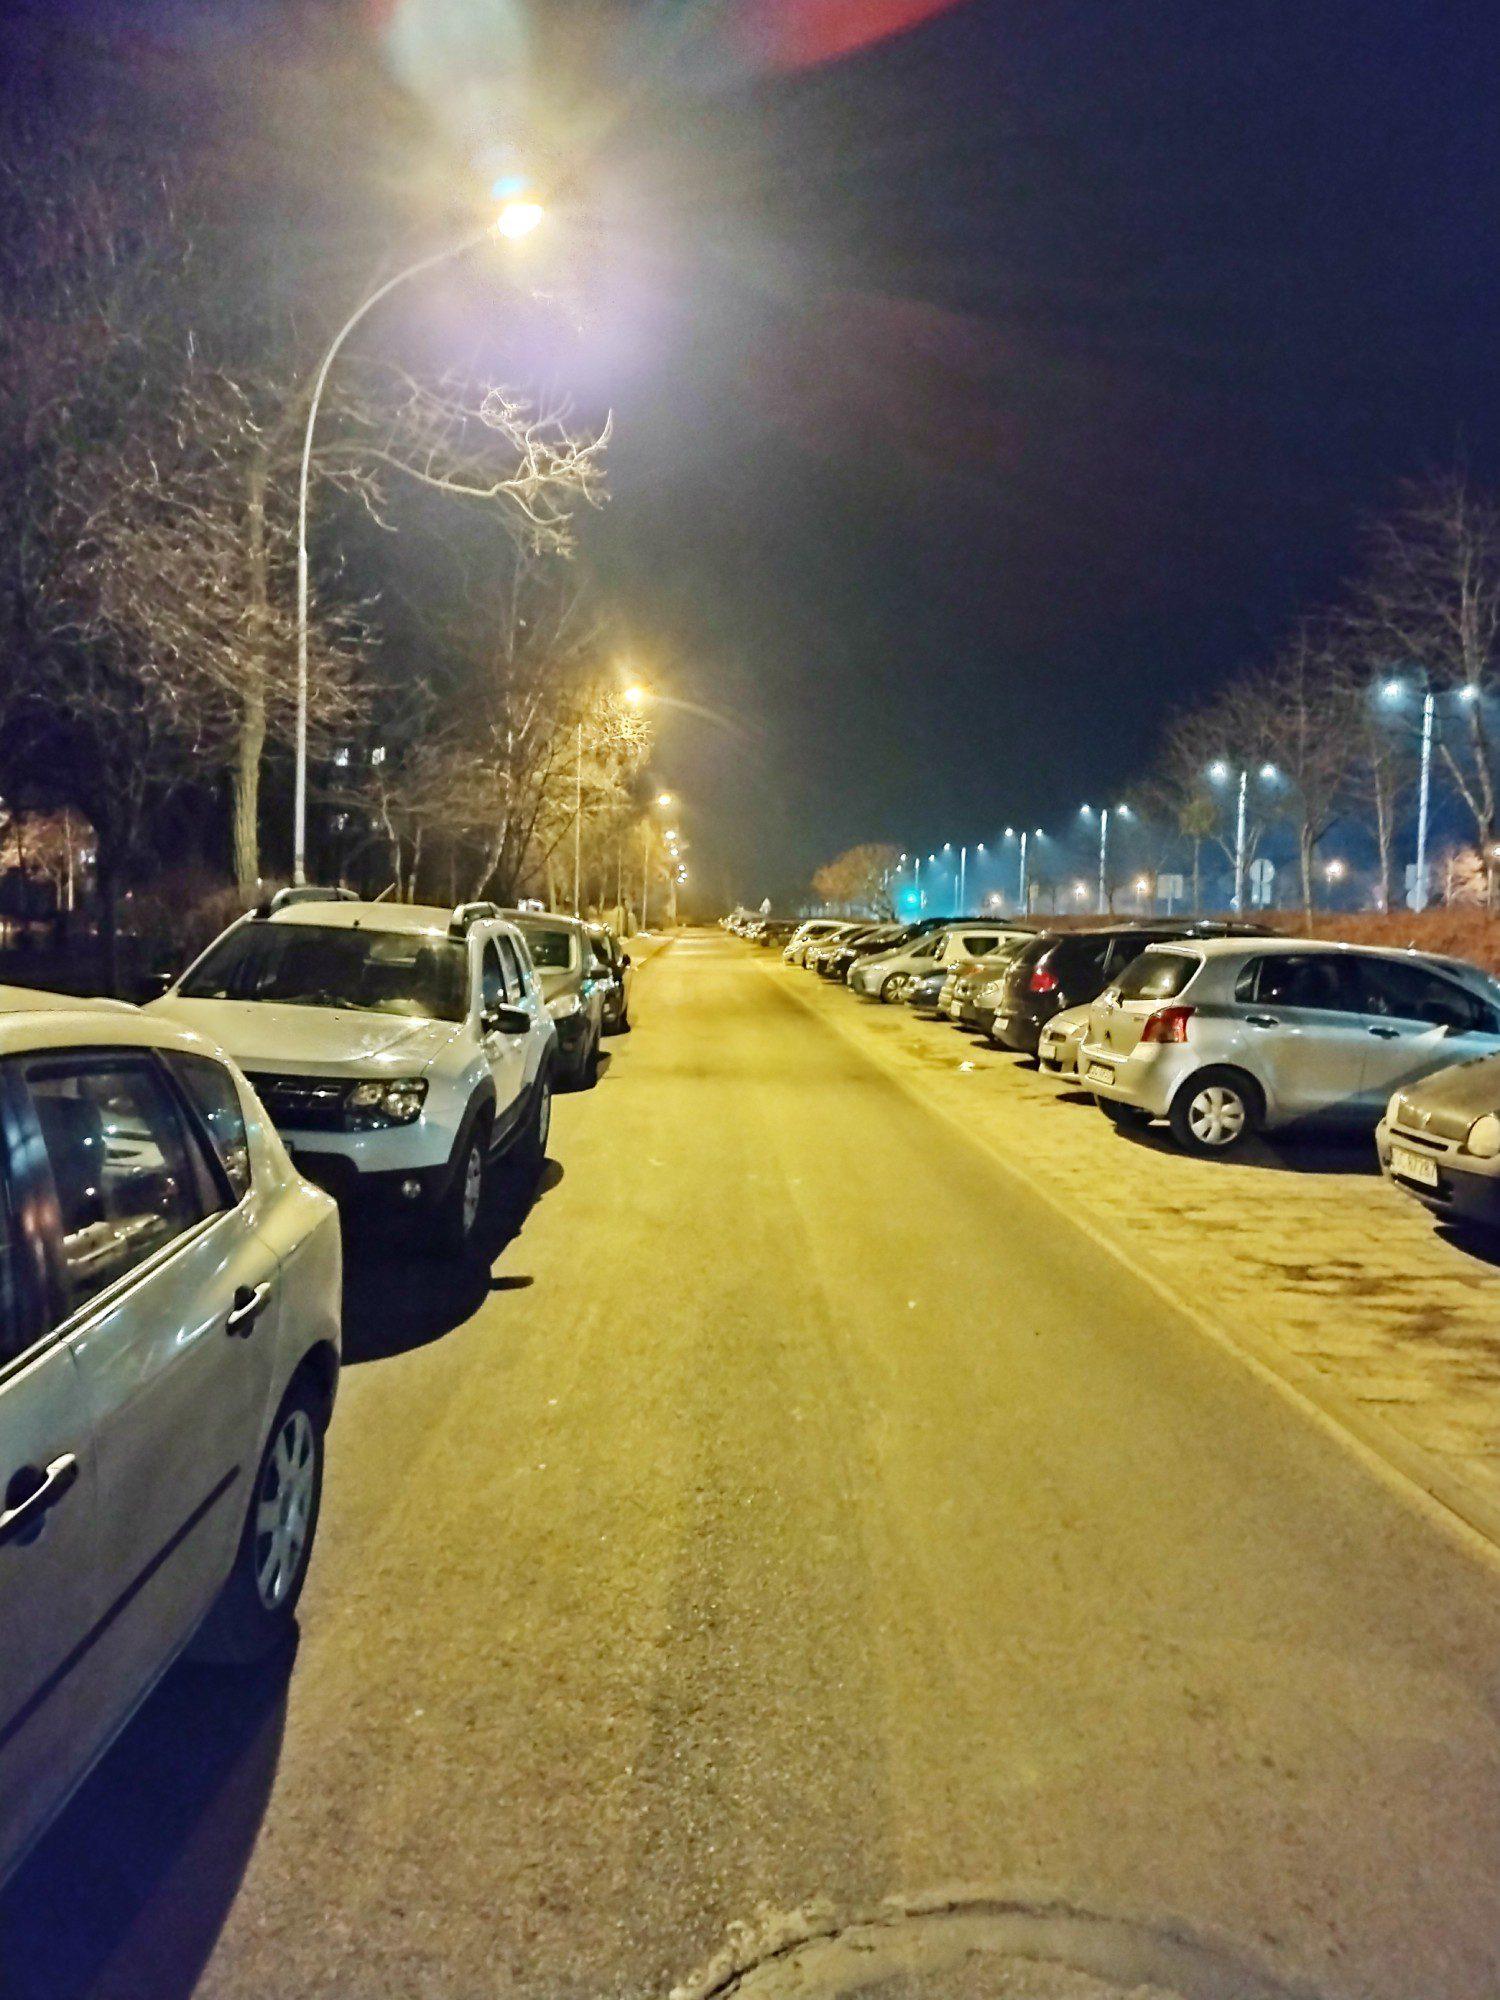 moto g30 zdjęcie nocne na parkingu